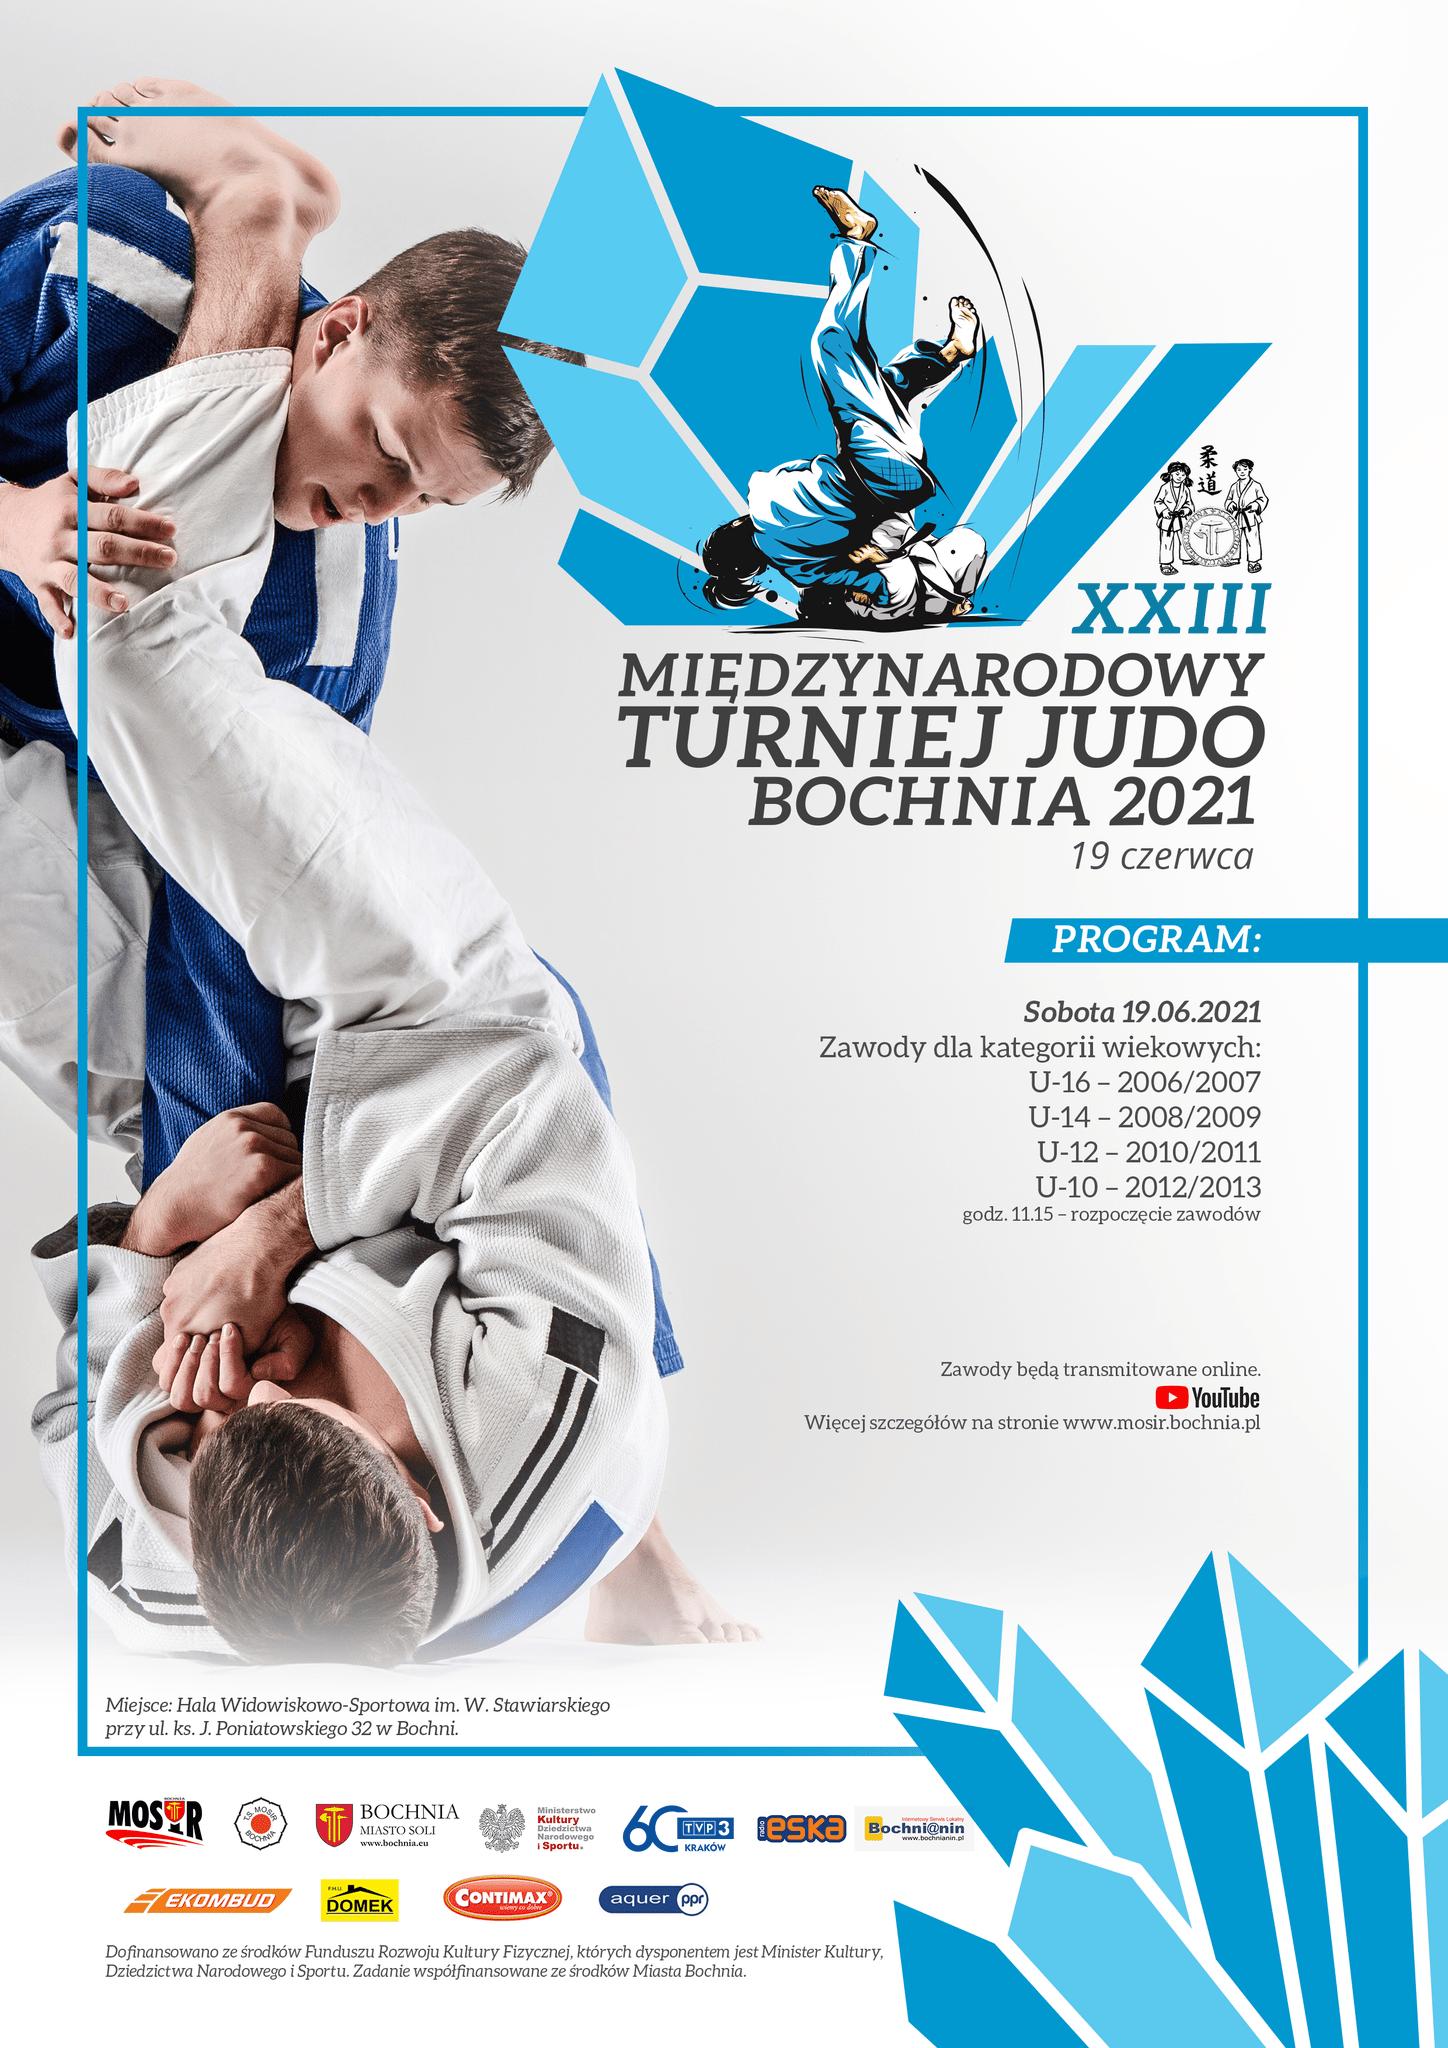 XXIII Międzynarodowy Turniej Judo w Bochni 19.06.2021